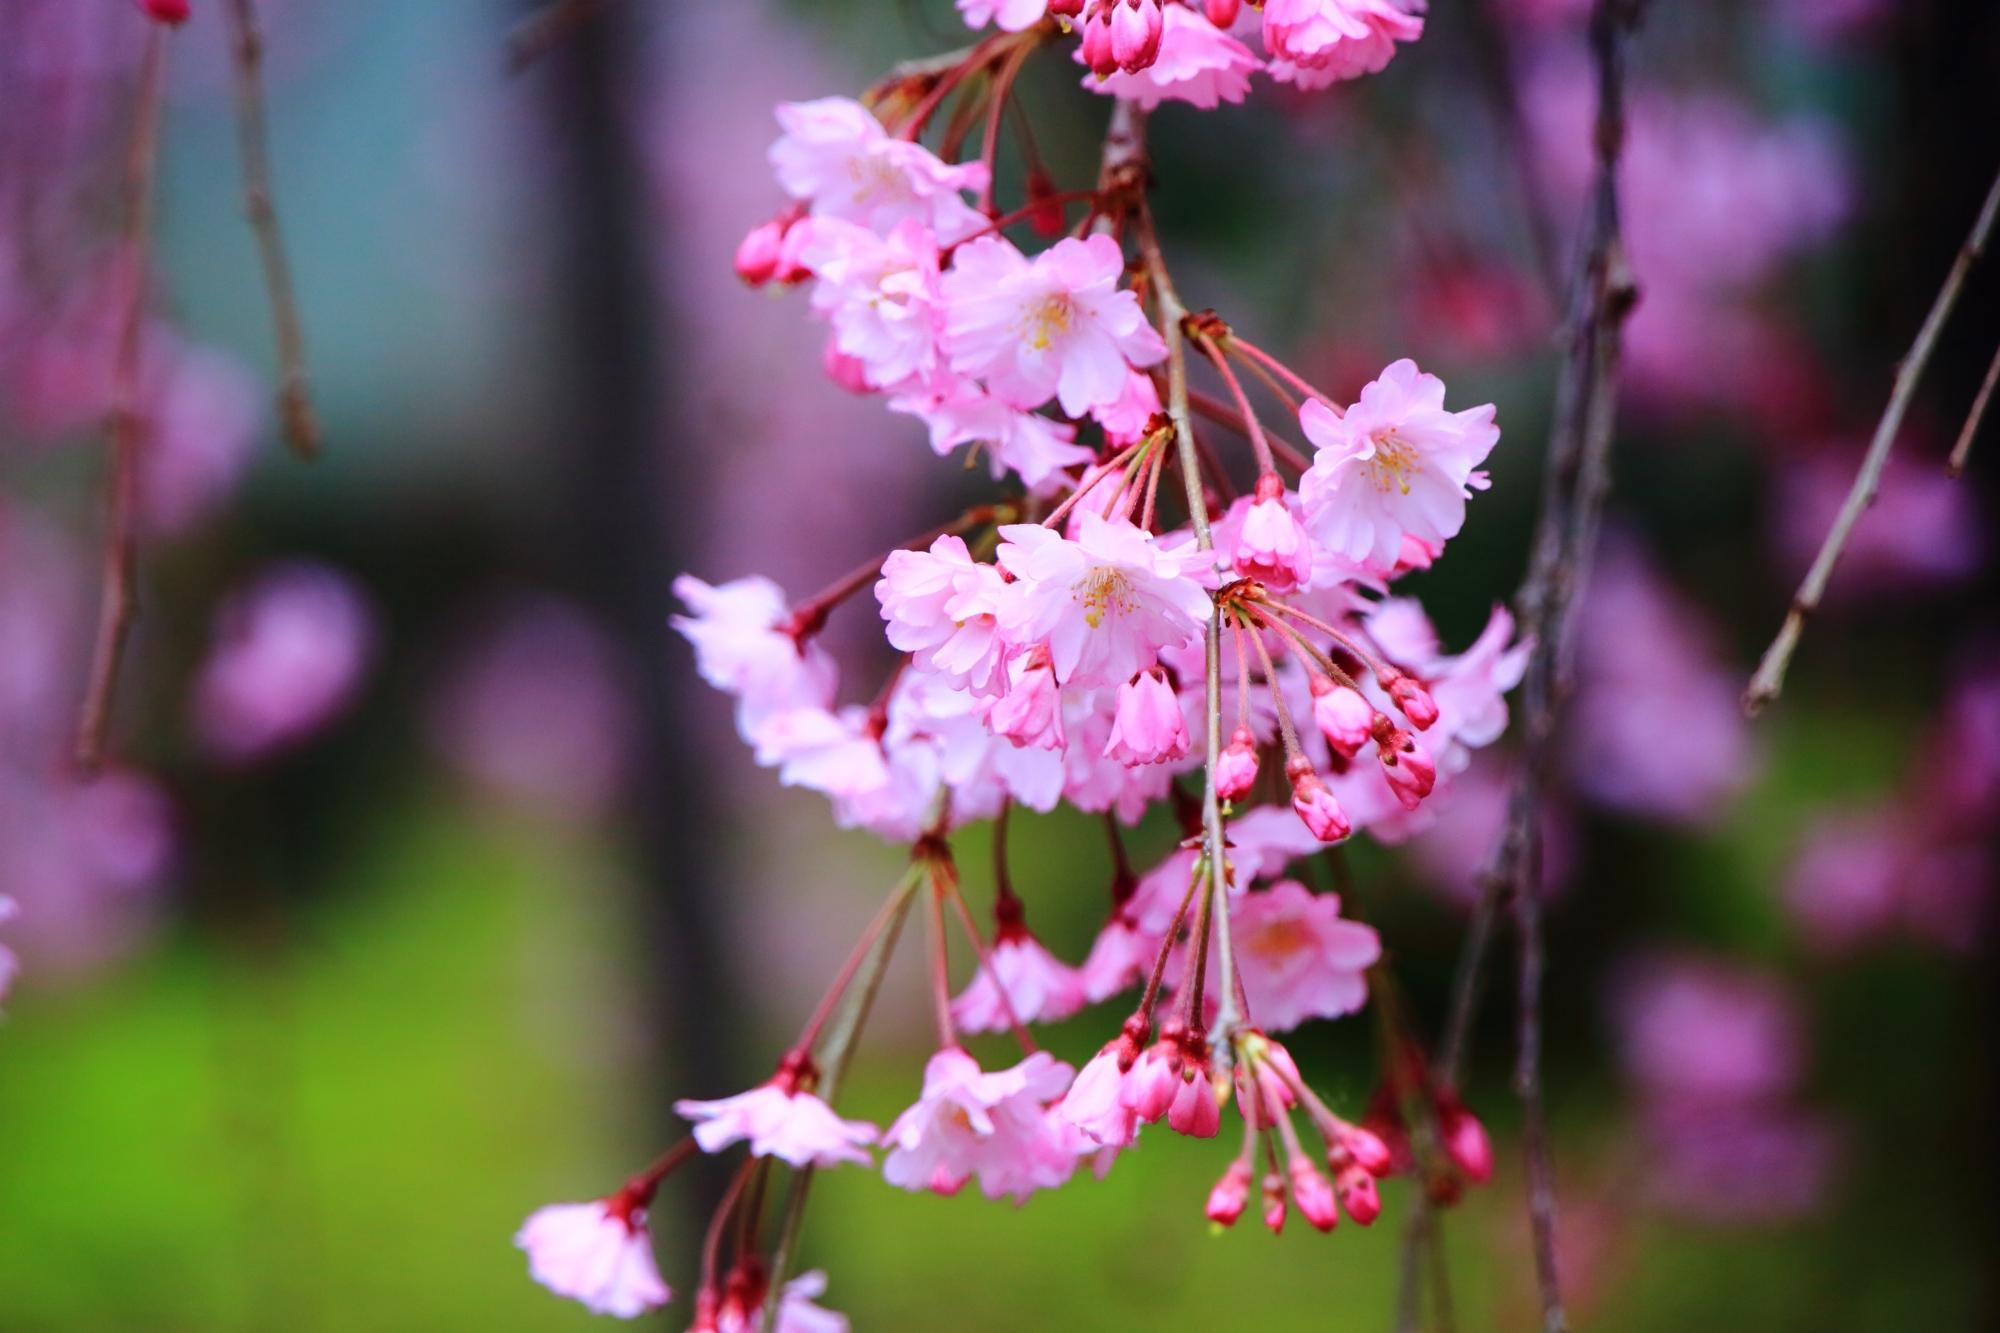 低い位置で咲く可愛らしい桜の花